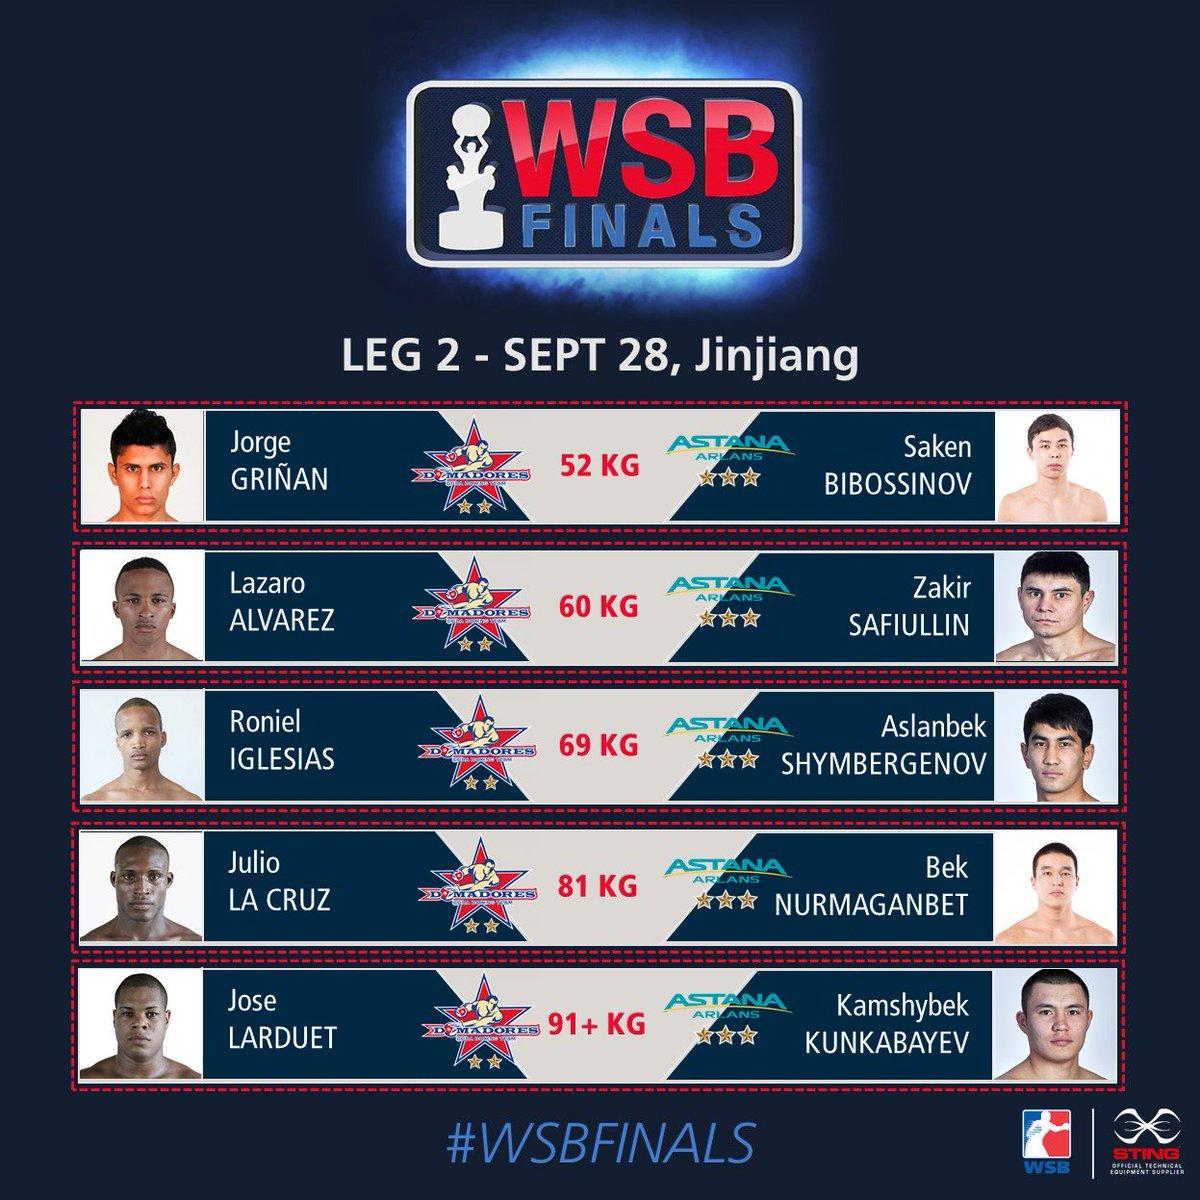 #WSBFinals8 Leg 2 @DomadoresCuba  🆚 @astana_arlans  📍 Zuchang Stadium – Jinjiang 🕐 19:00 (GMT+8) 📆 Sept 28 📺 WSB Facebook LIVE #WSBFinals8 #WSBTrophy🏆 https://t.co/DMtwvALdwC